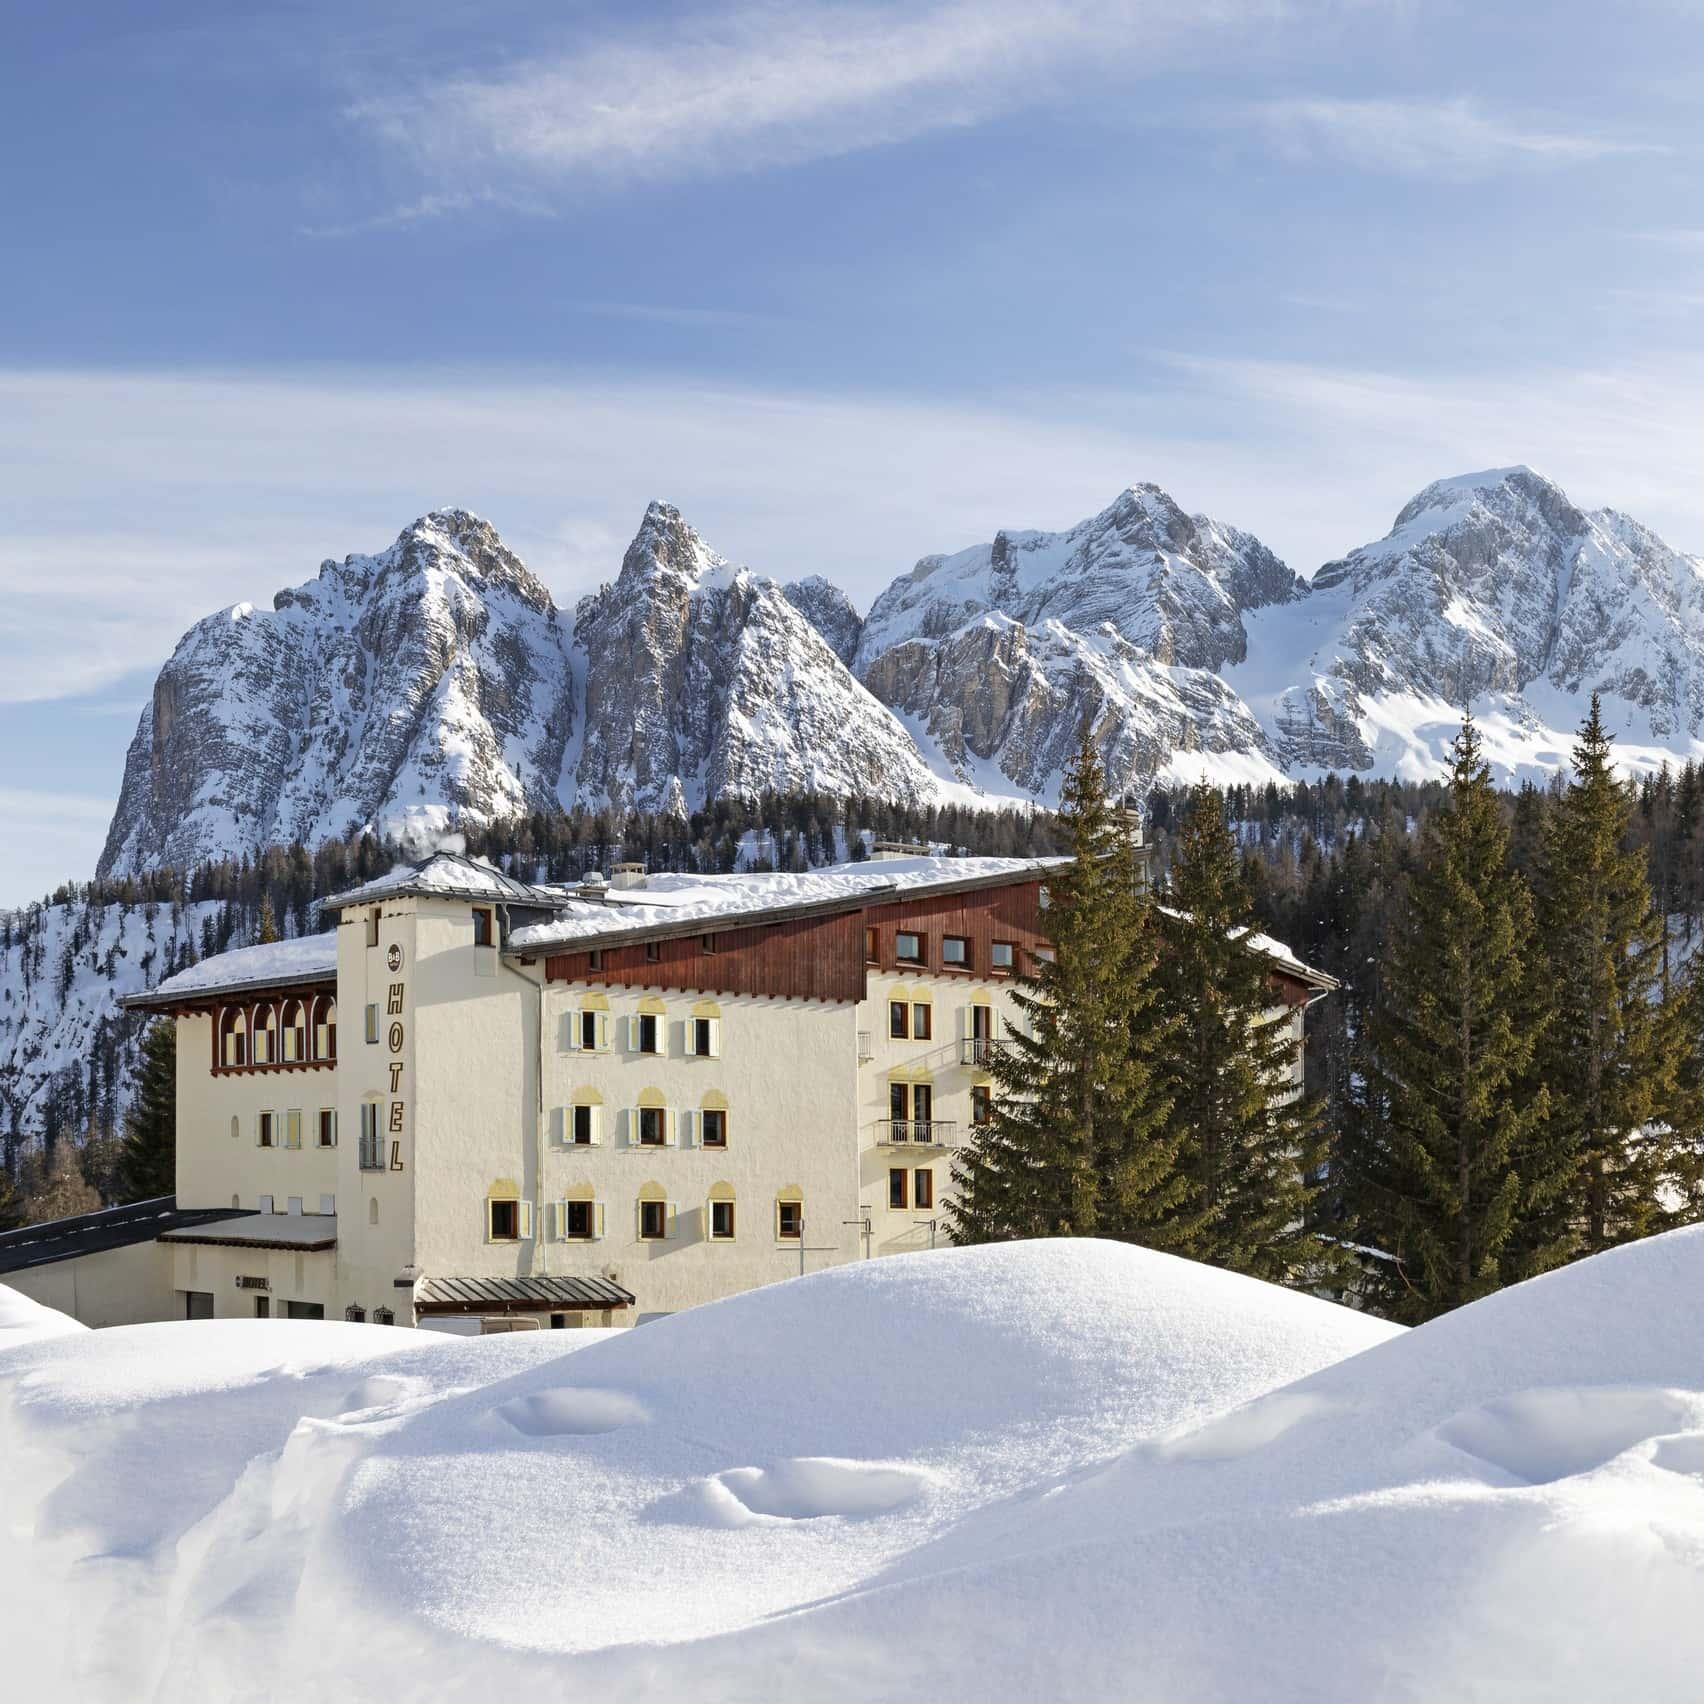 Novità a Cortina: aperto il nuovo hotel sul Passo Tre Croci